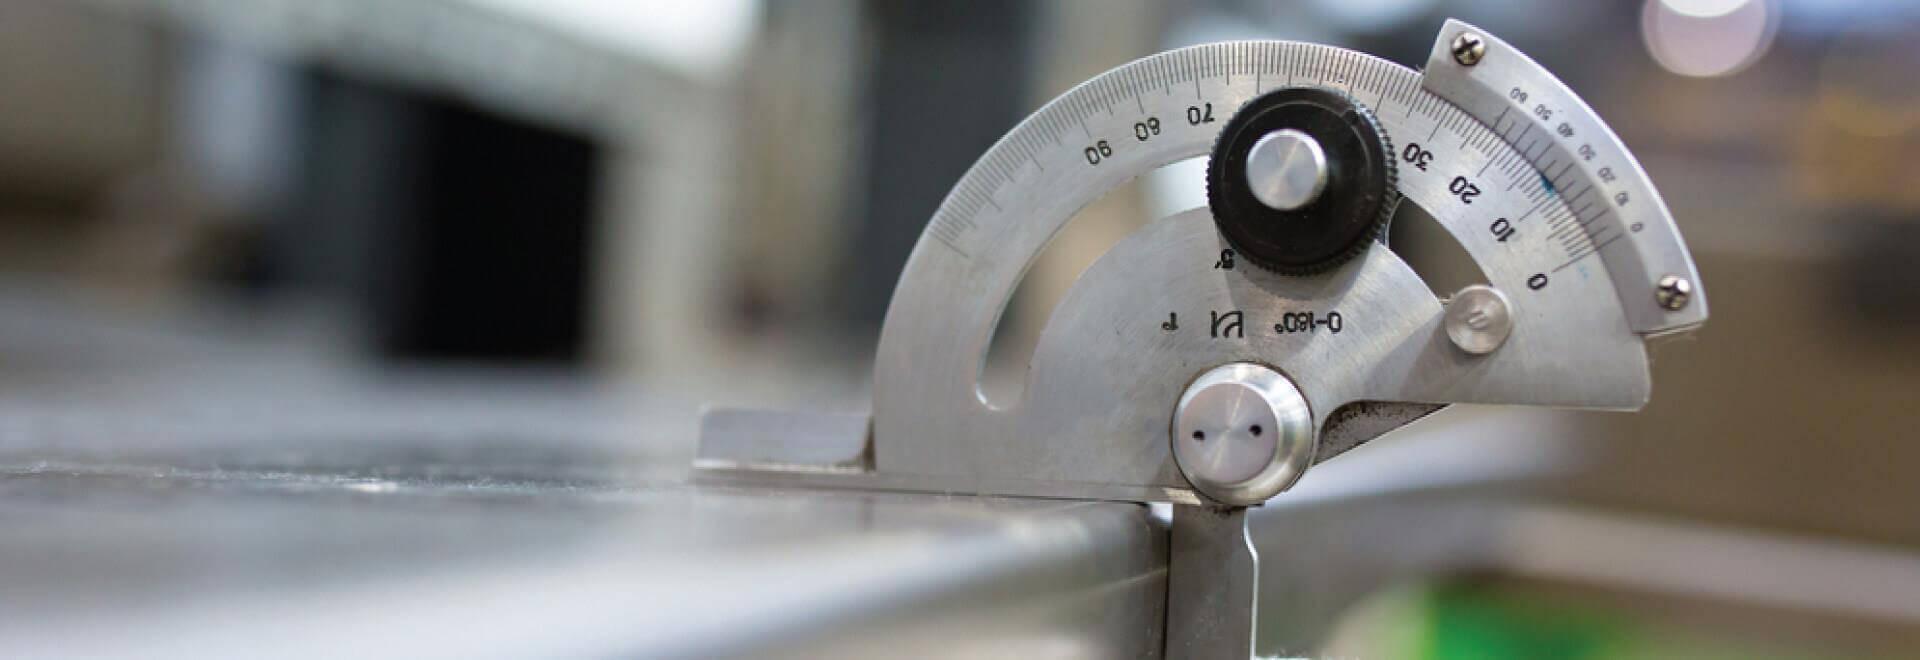 Những cách để duy trì độ chính xác của thiết bị đo cơ khí